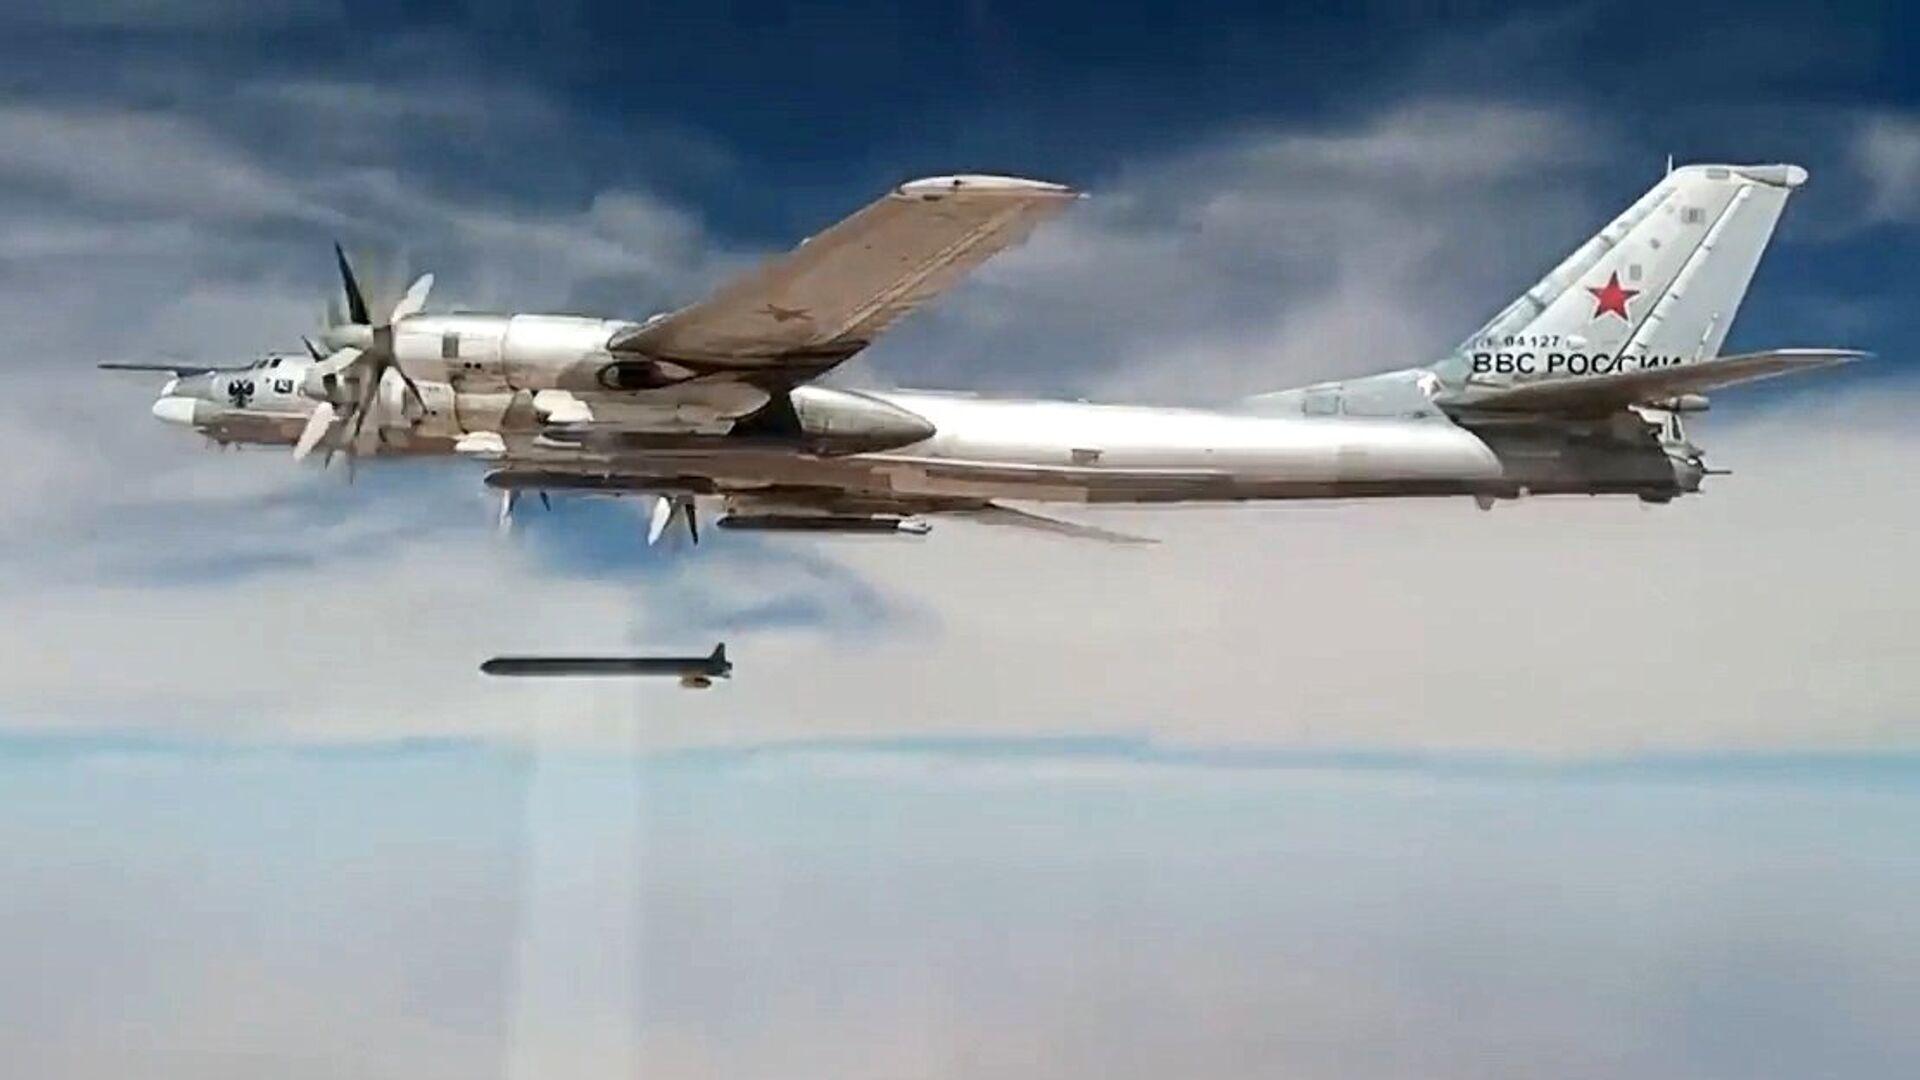 Стратегический бомбардировщик-ракетоносец Ту-95МС наносит удары крылатыми ракетами Х-101 по объектам террористов в Сирии - РИА Новости, 1920, 27.03.2020